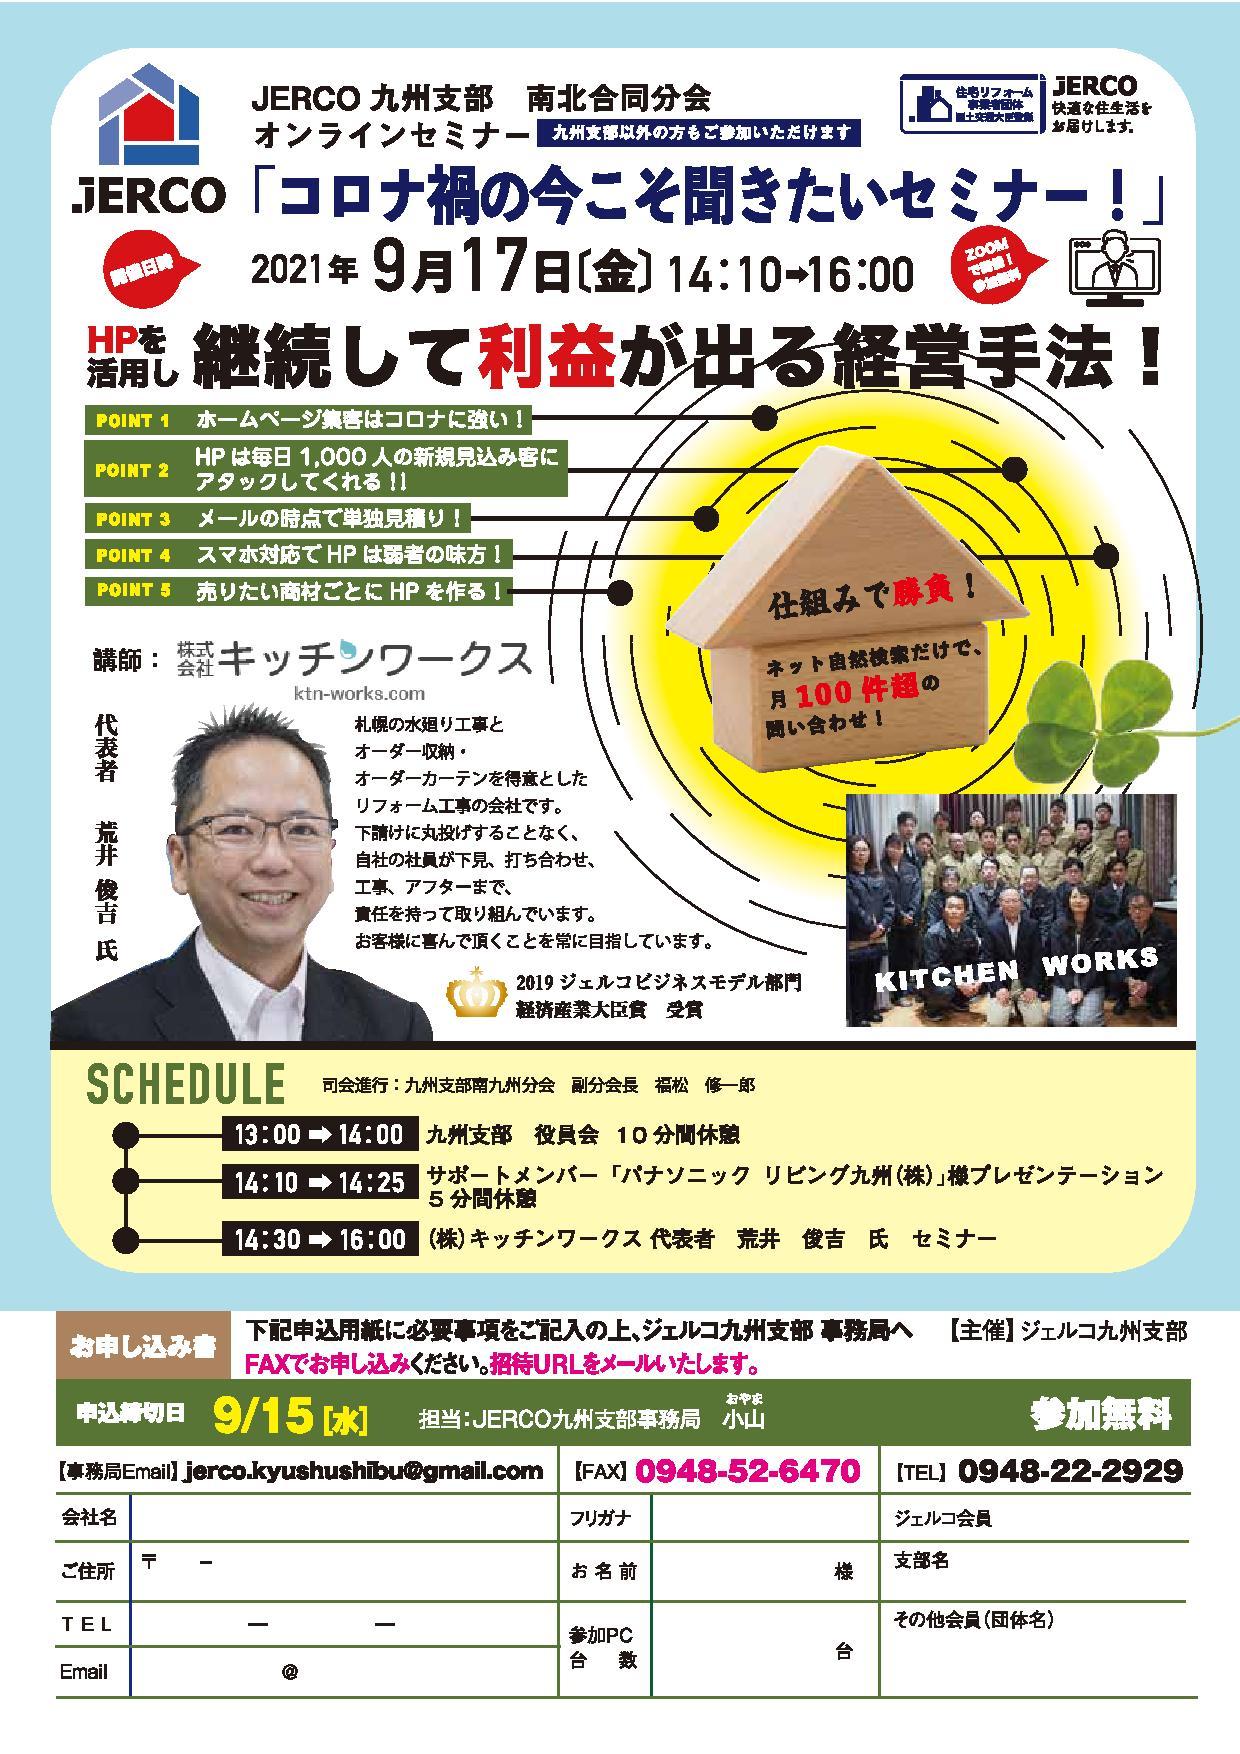 2021年9月17日(金)ジェルコ九州支部 南北合同分会 オンラインセミナー